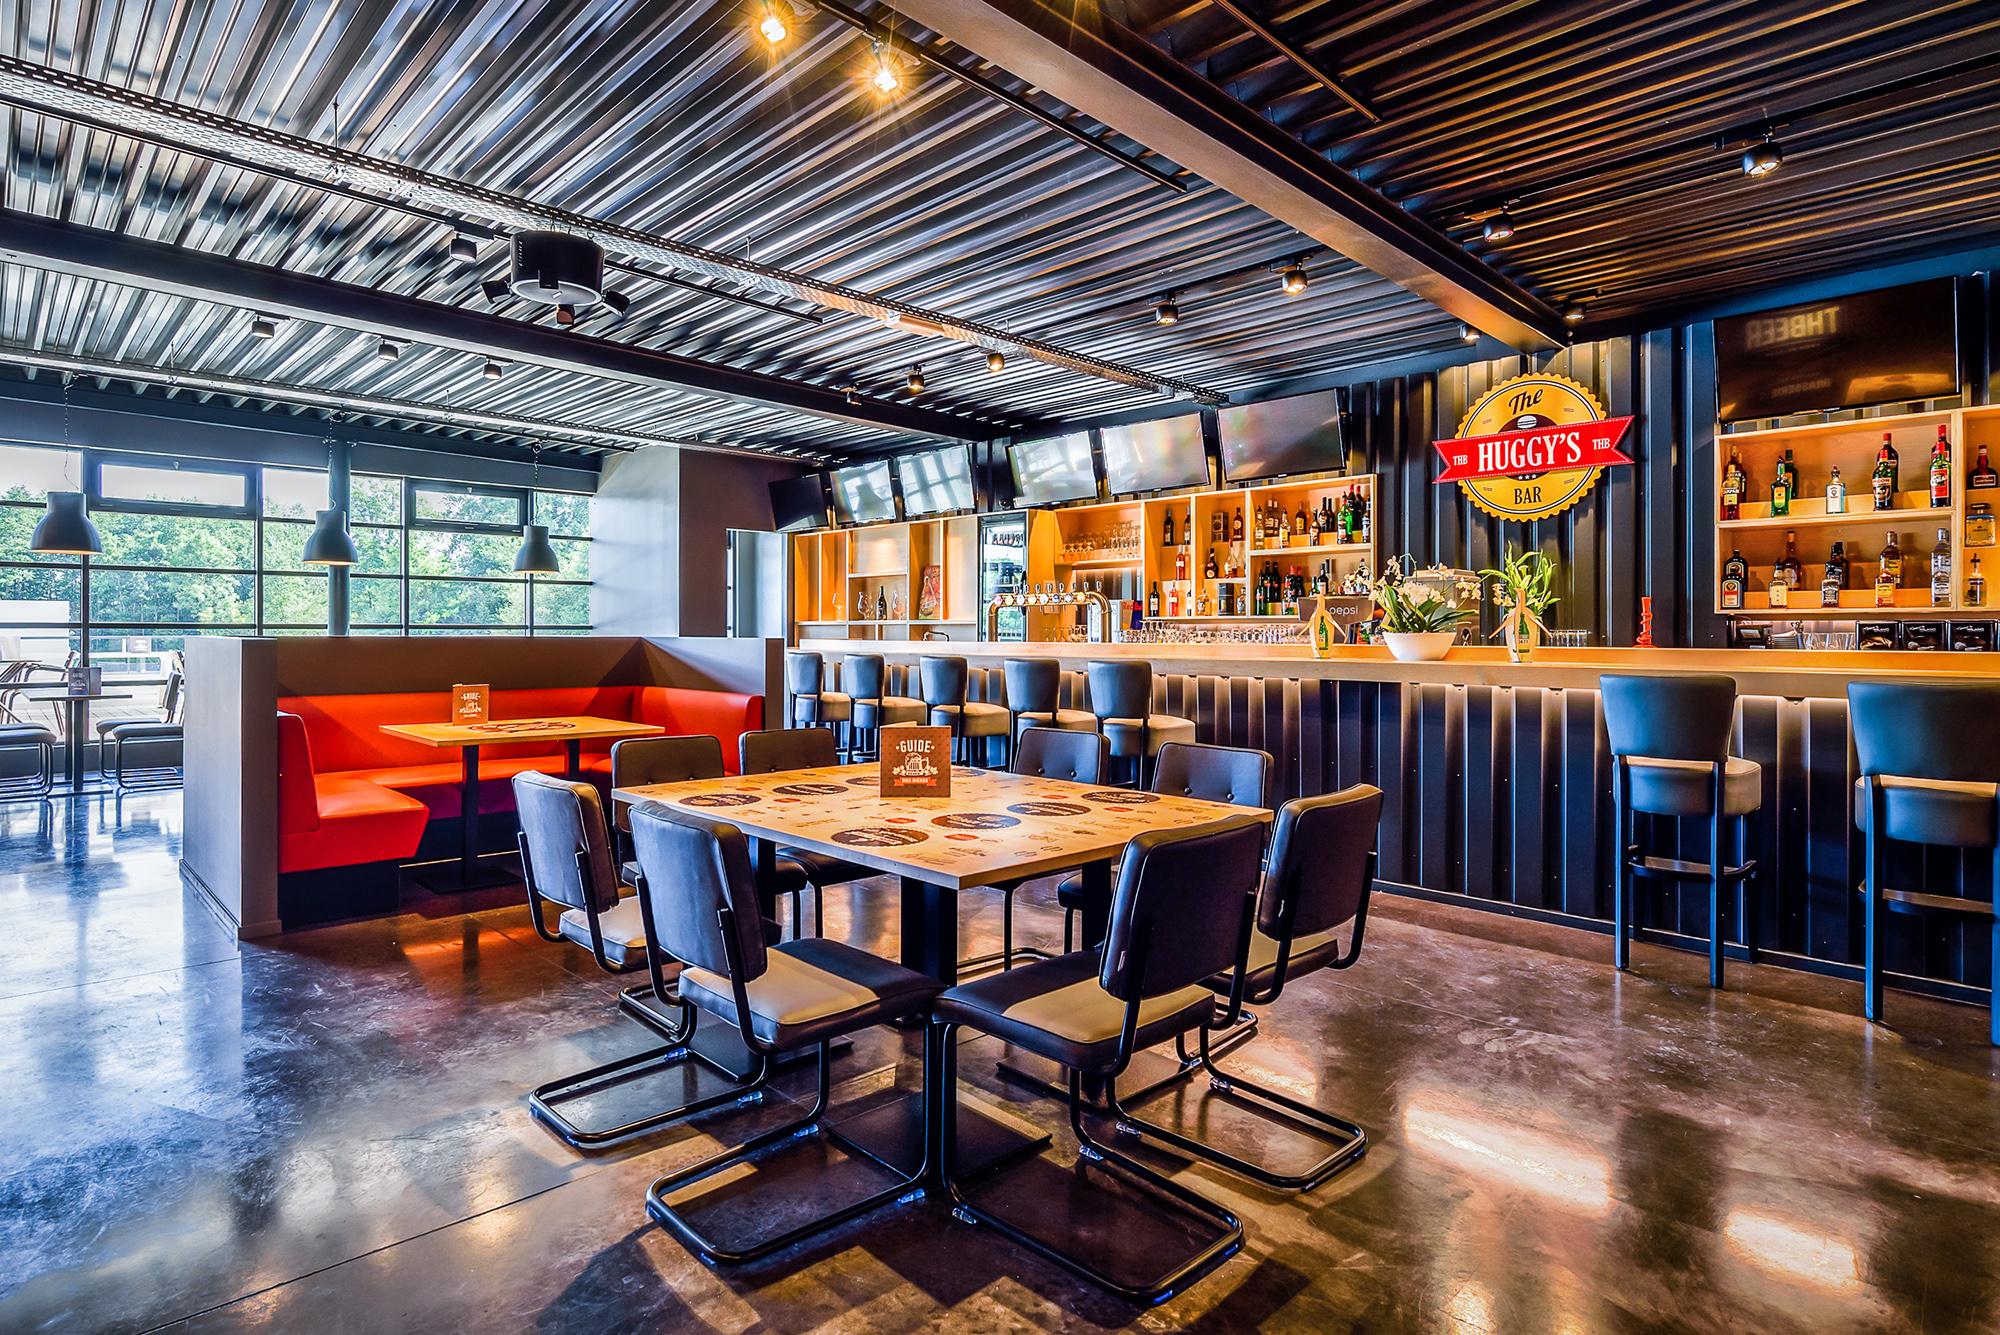 The Huggy's Bar - Nandrin